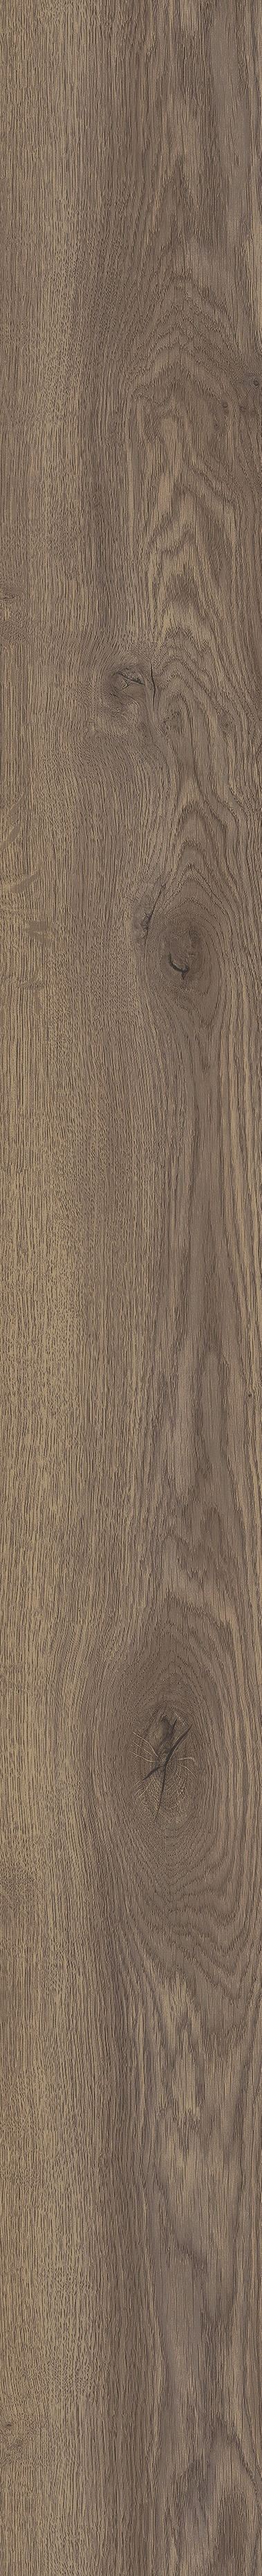 kronotex mammut laminat berg eiche braun d 4726 von kronotex. Black Bedroom Furniture Sets. Home Design Ideas